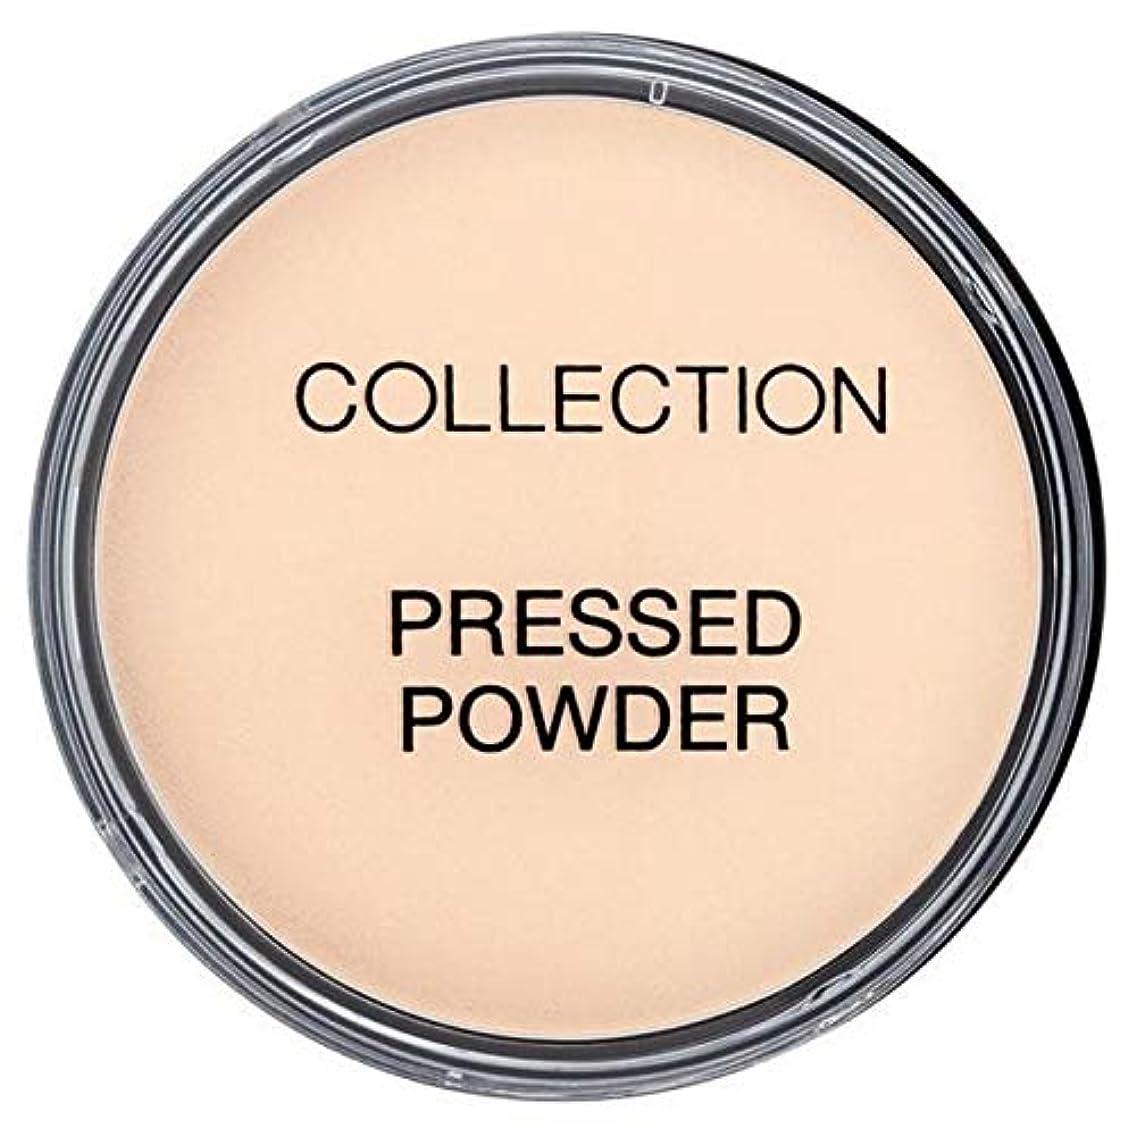 特権的週間フォーラム[Collection ] コレクションは、粉末17グラムのろうそく1を押します - Collection Pressed Powder 17g Candlelight 1 [並行輸入品]